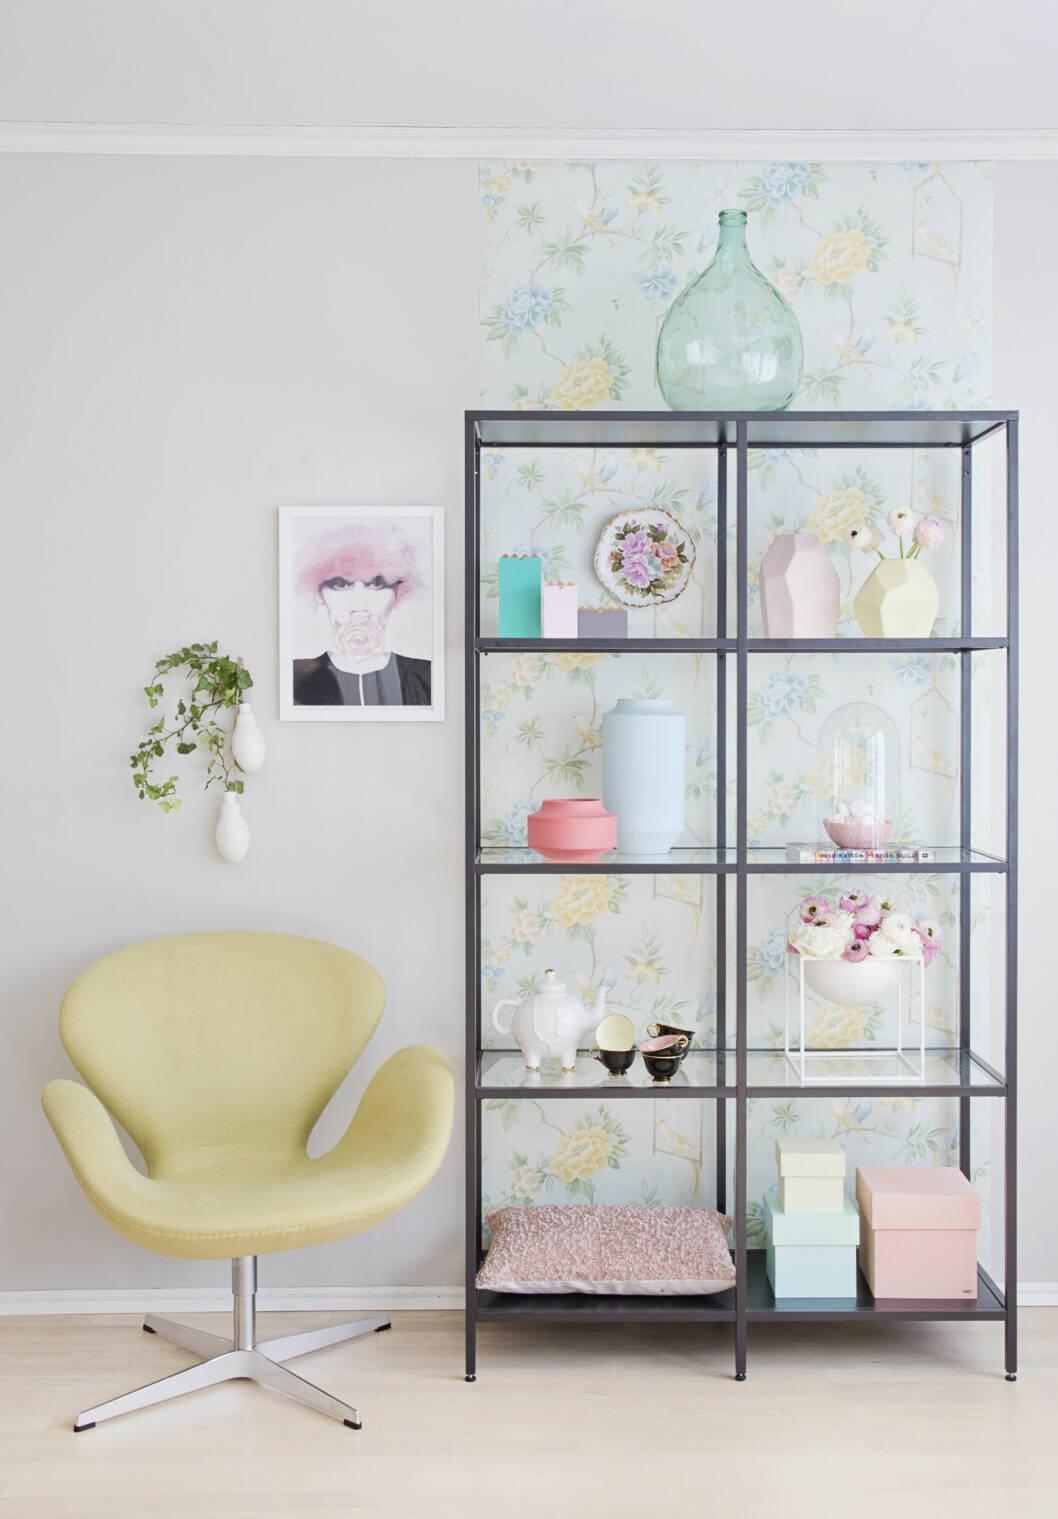 SART FLORETT: Sukkersøte esker, duse farger og moderne og antikk keramikk. Topp det hele med romantiske hvite og rosa blomster. Foto: Jorunn Tharaldsen